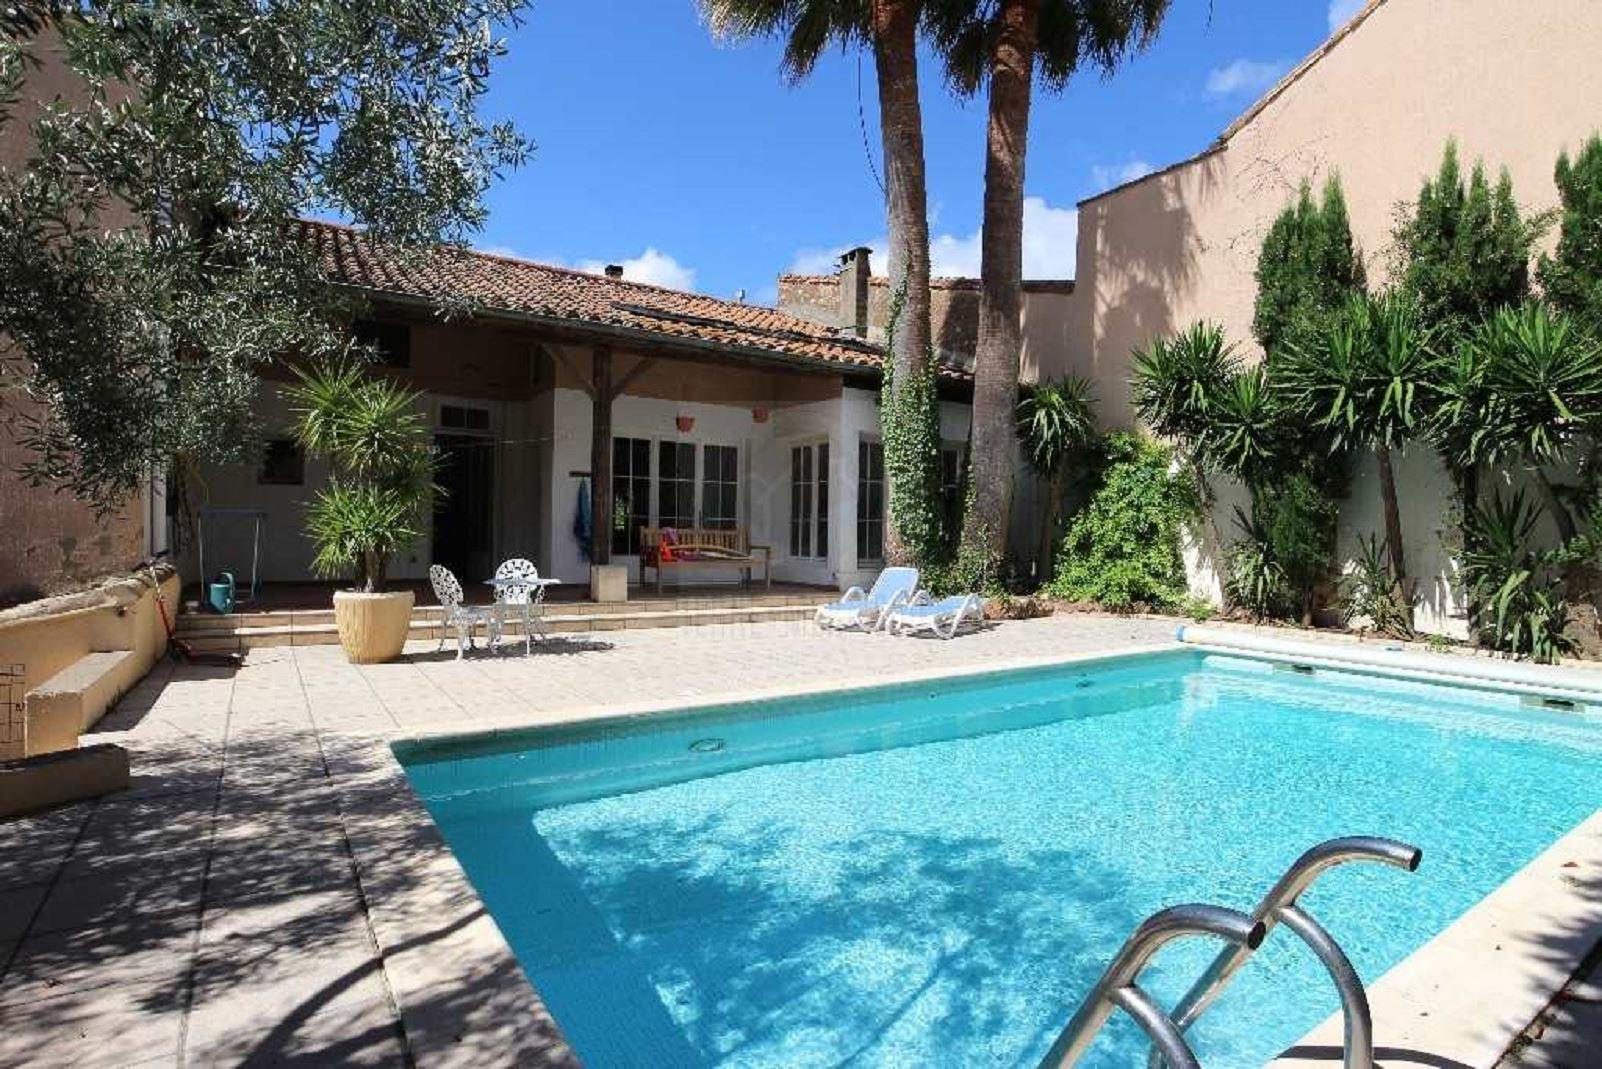 Maison bourgeoise avec piscine et jardin